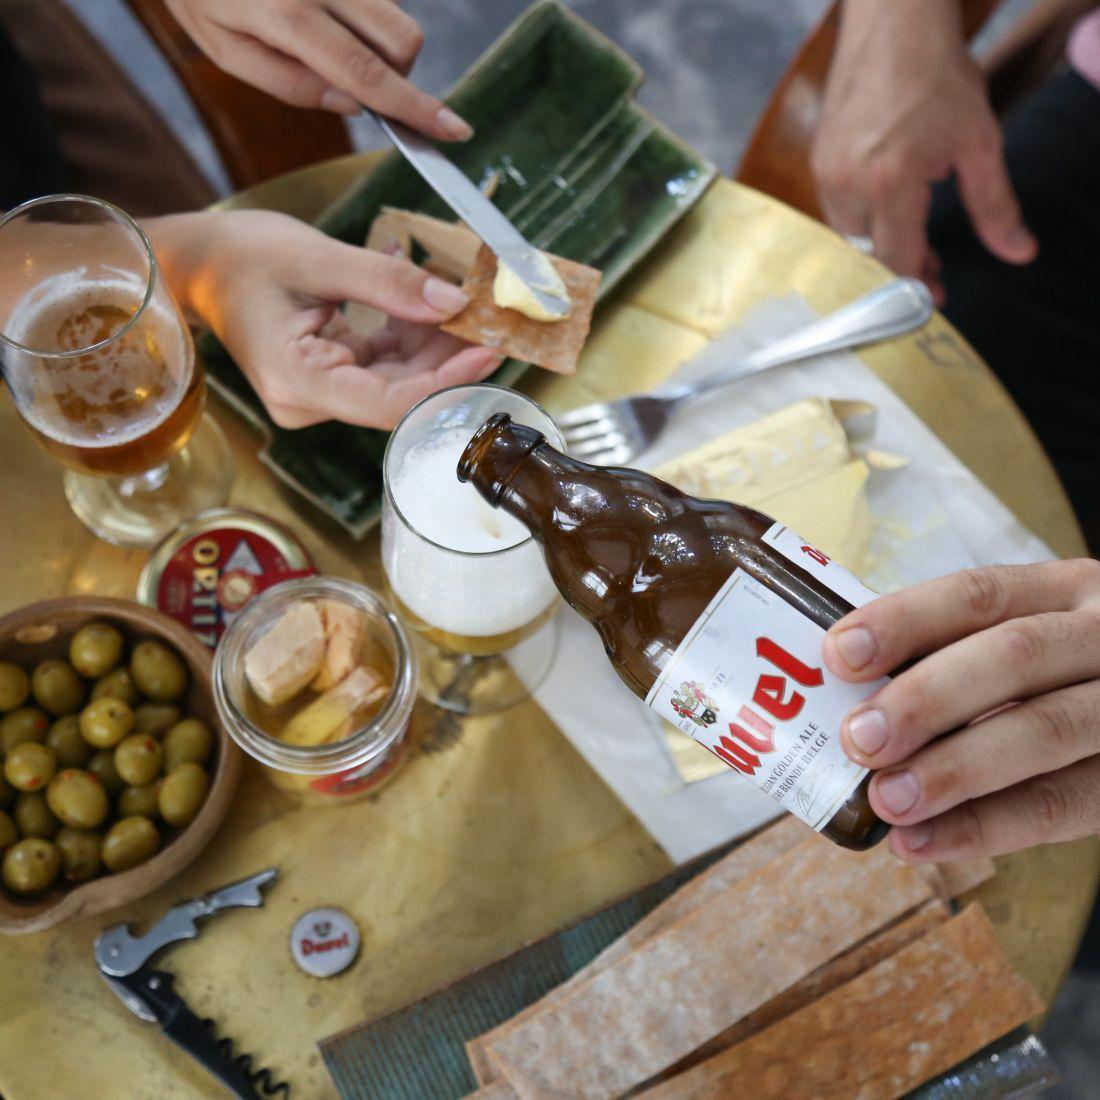 """שום סקירת בירה לא תהיה שלמה בלי קפיצה קטנה לבלגיה, וכשאומרים """"בלגיה"""", אומרים בהכרח גם """"דובל"""""""